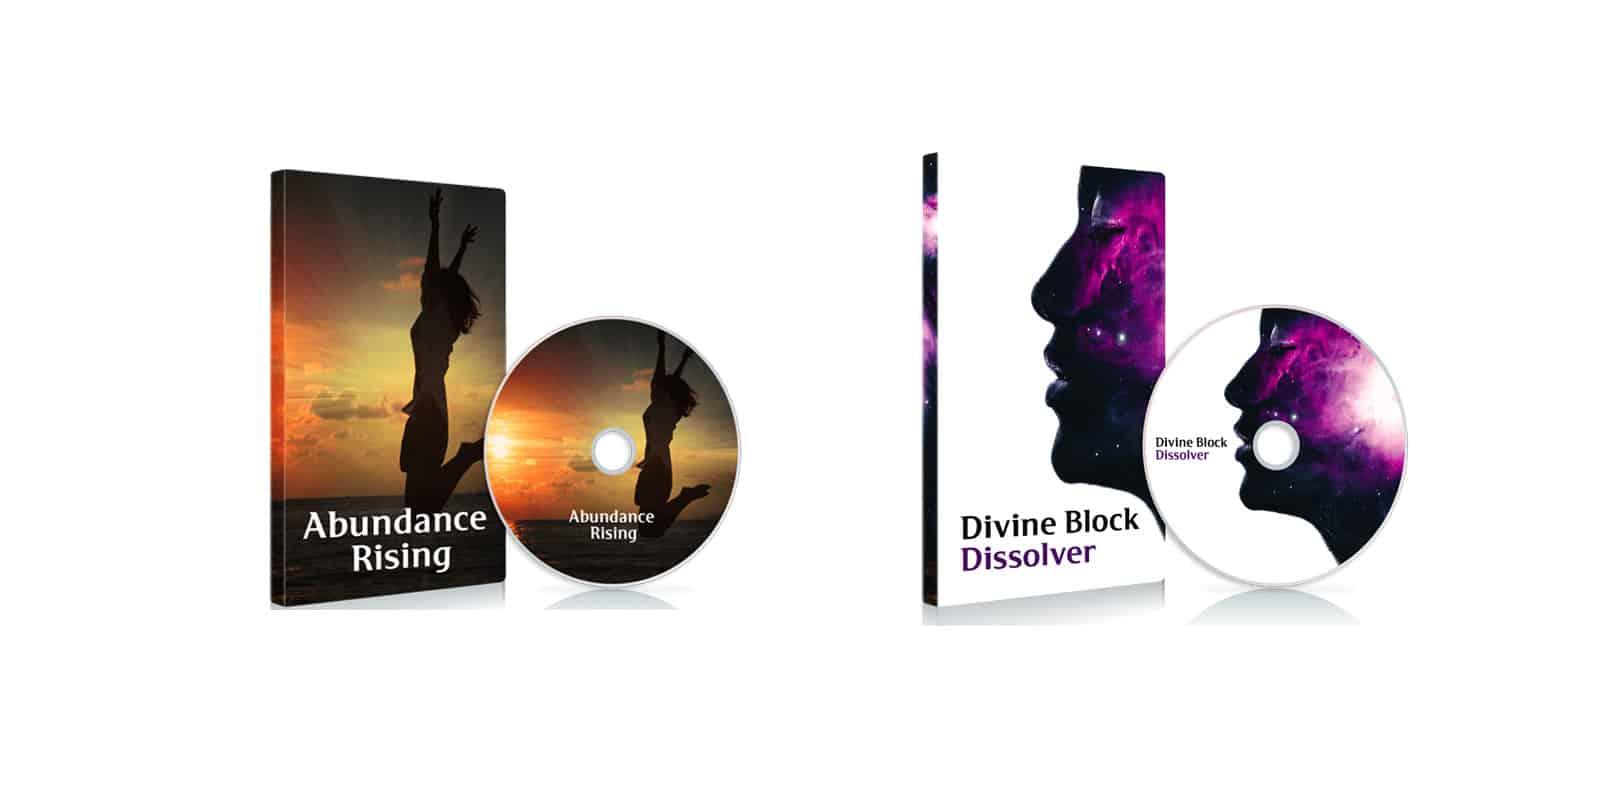 Abundance Rising & Divine Block Dissolver